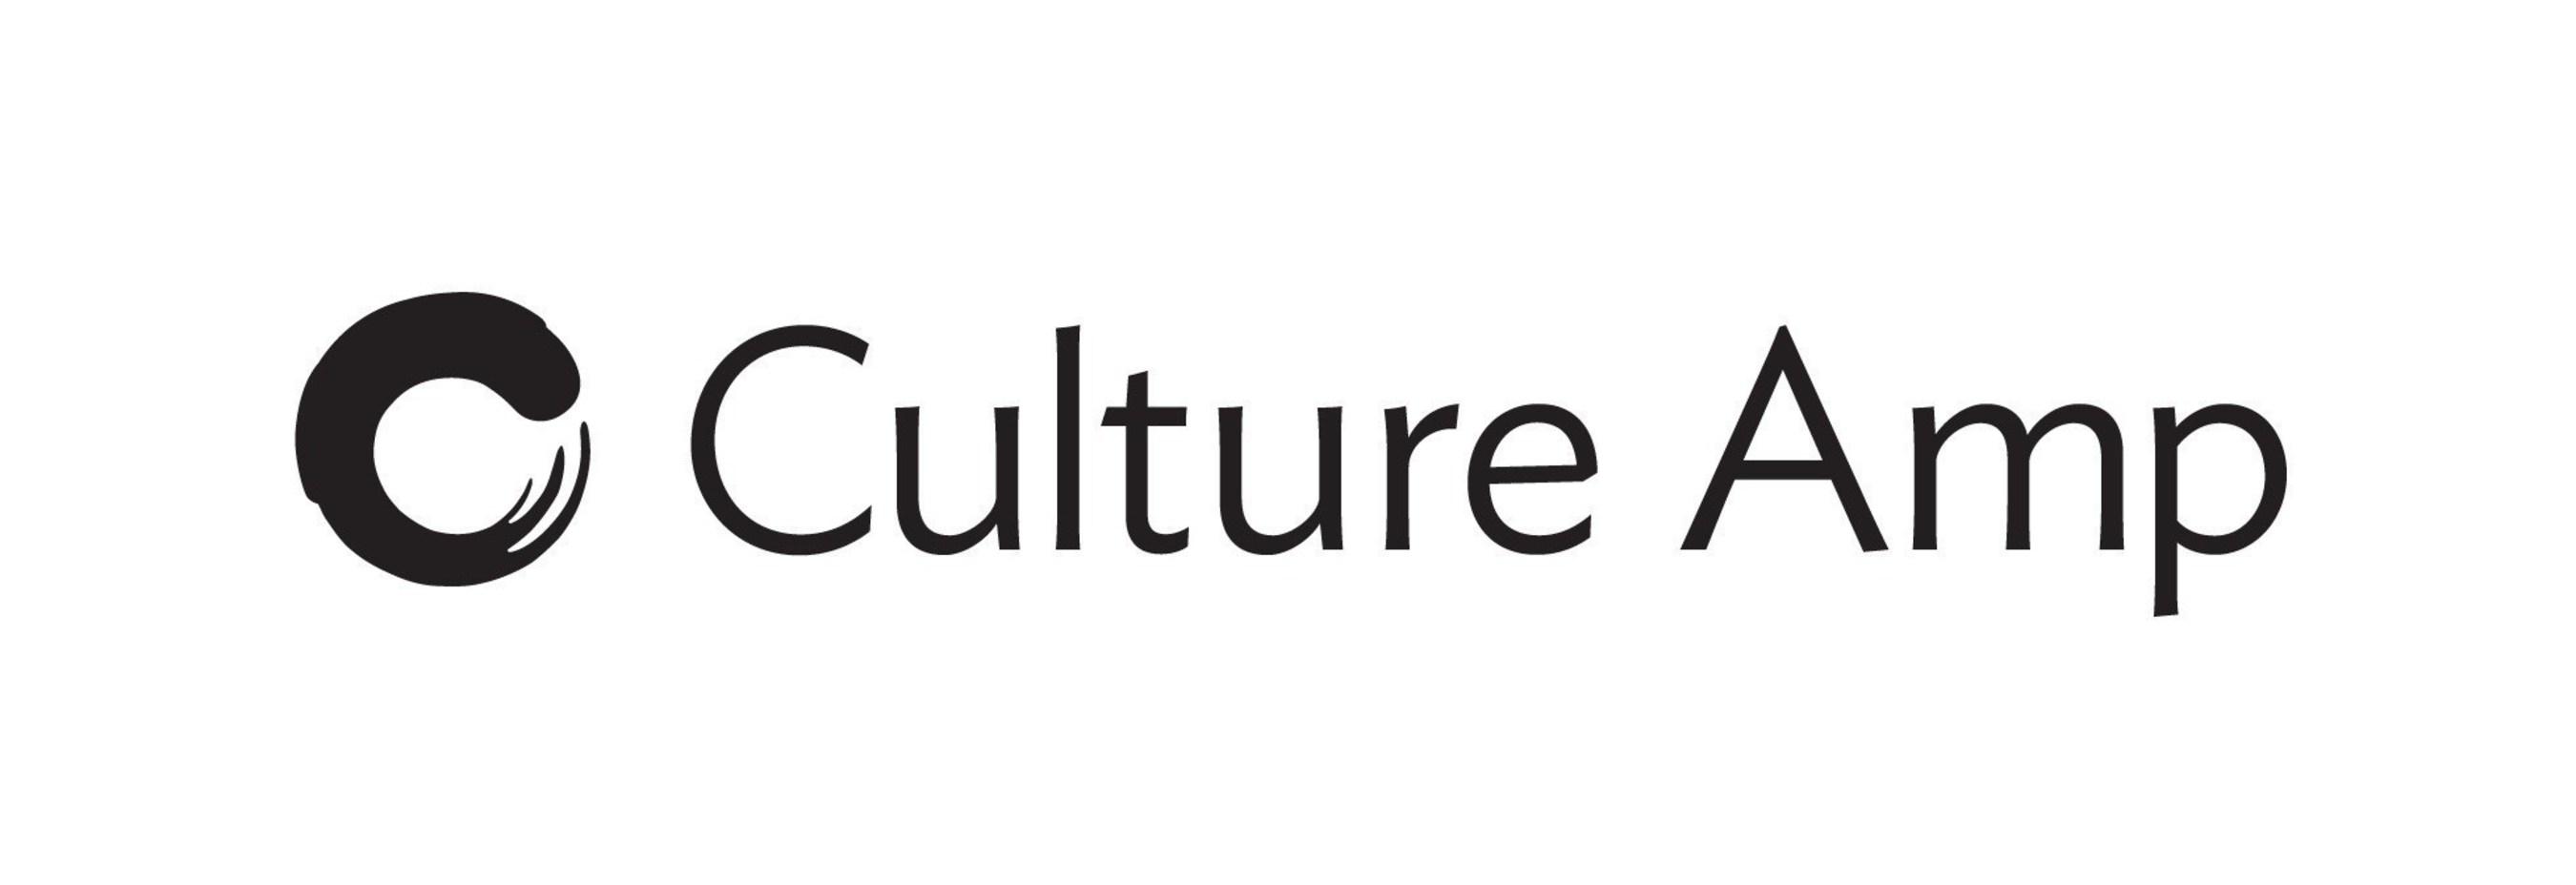 Culture Amp logo. (PRNewsFoto/Culture Amp)